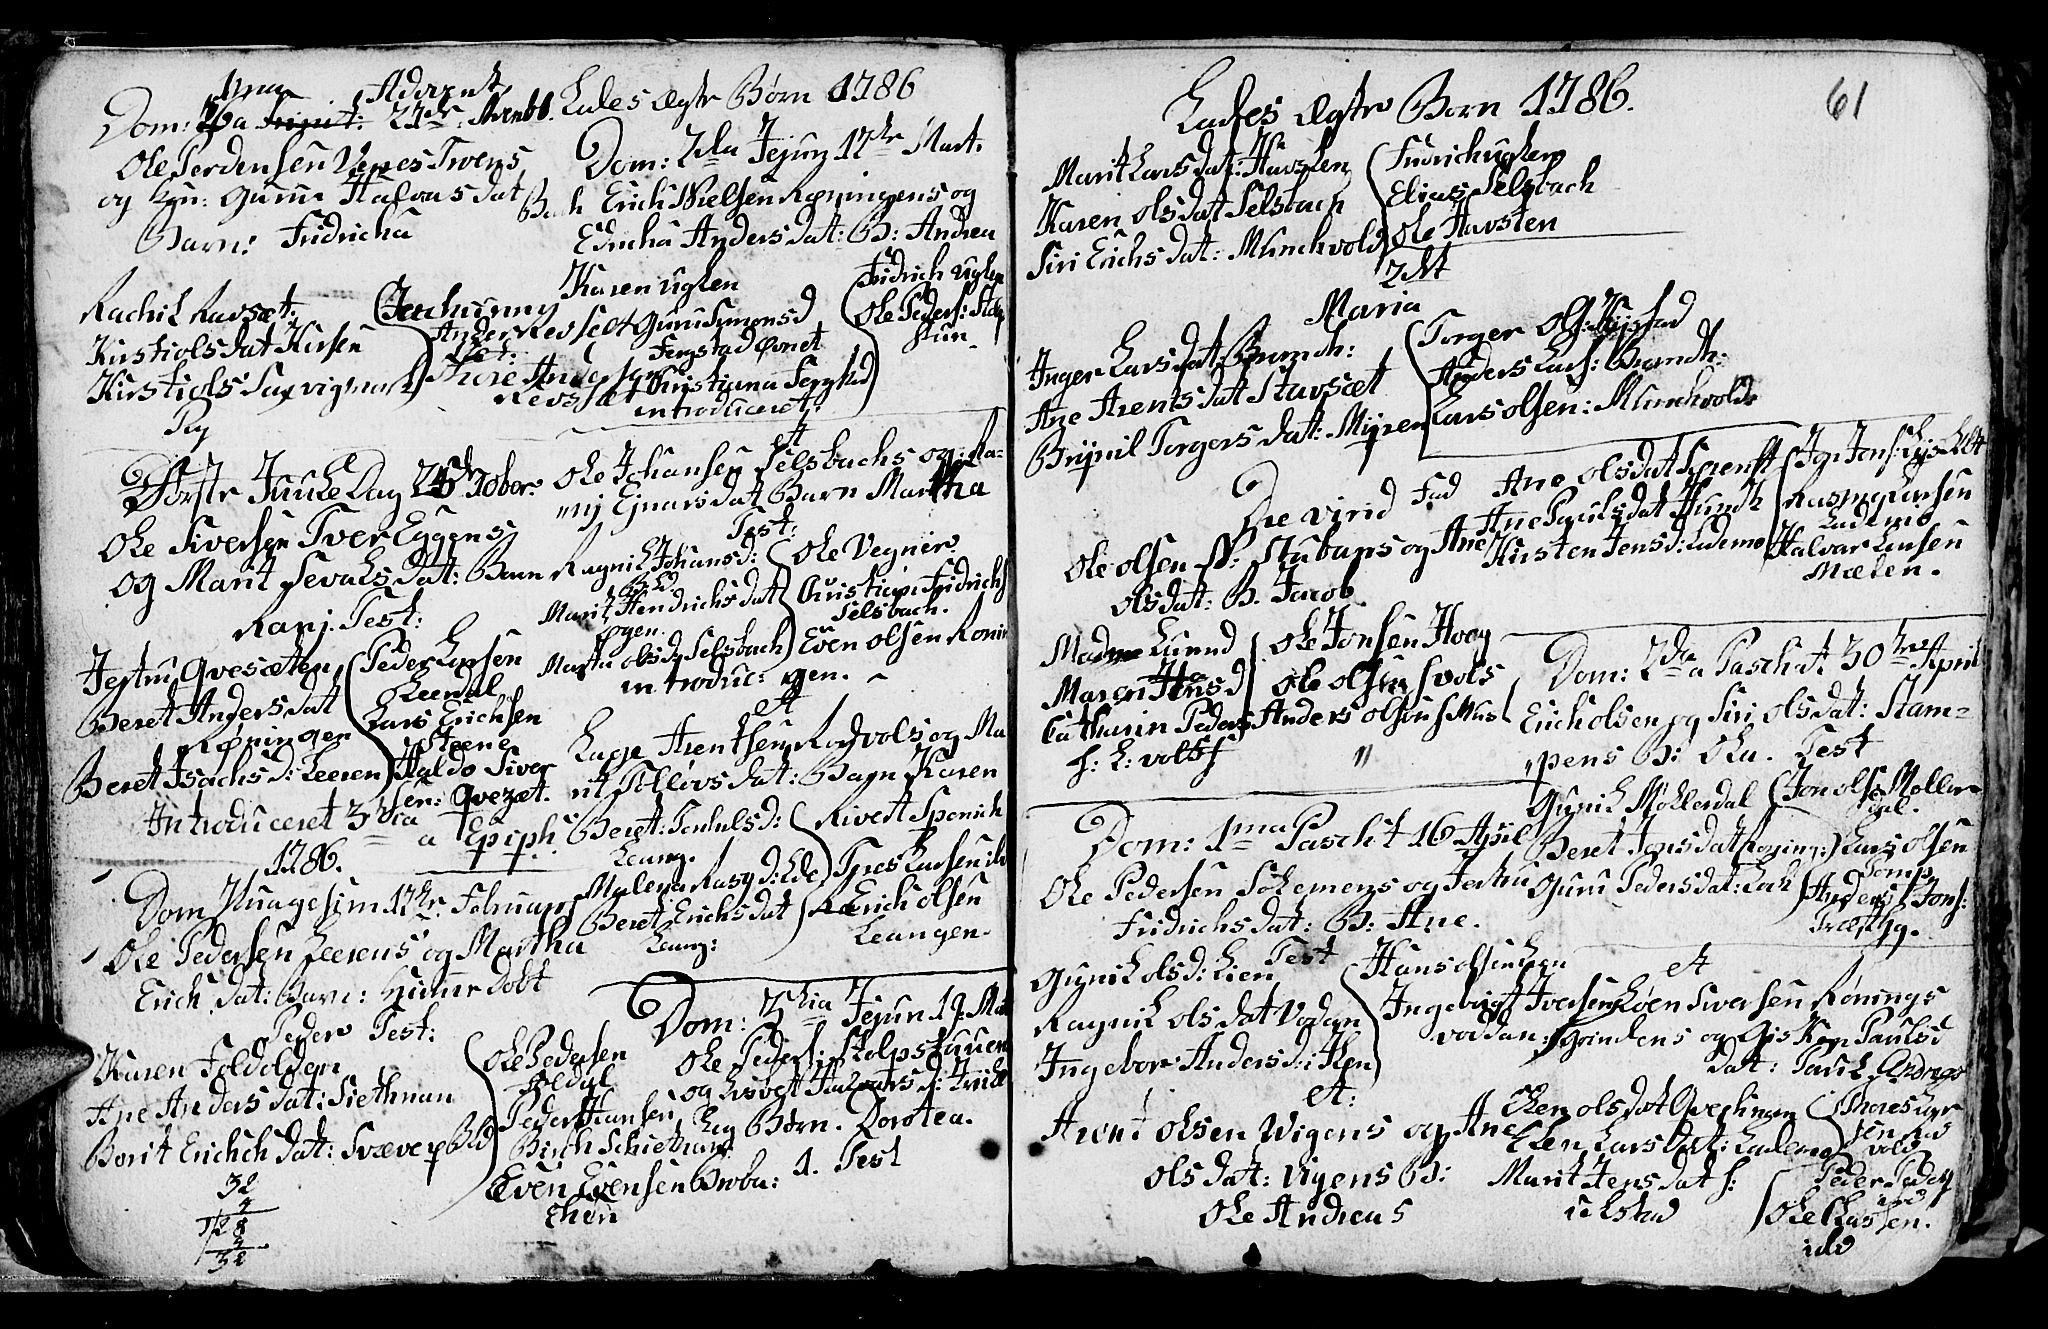 SAT, Ministerialprotokoller, klokkerbøker og fødselsregistre - Sør-Trøndelag, 606/L0305: Klokkerbok nr. 606C01, 1757-1819, s. 61